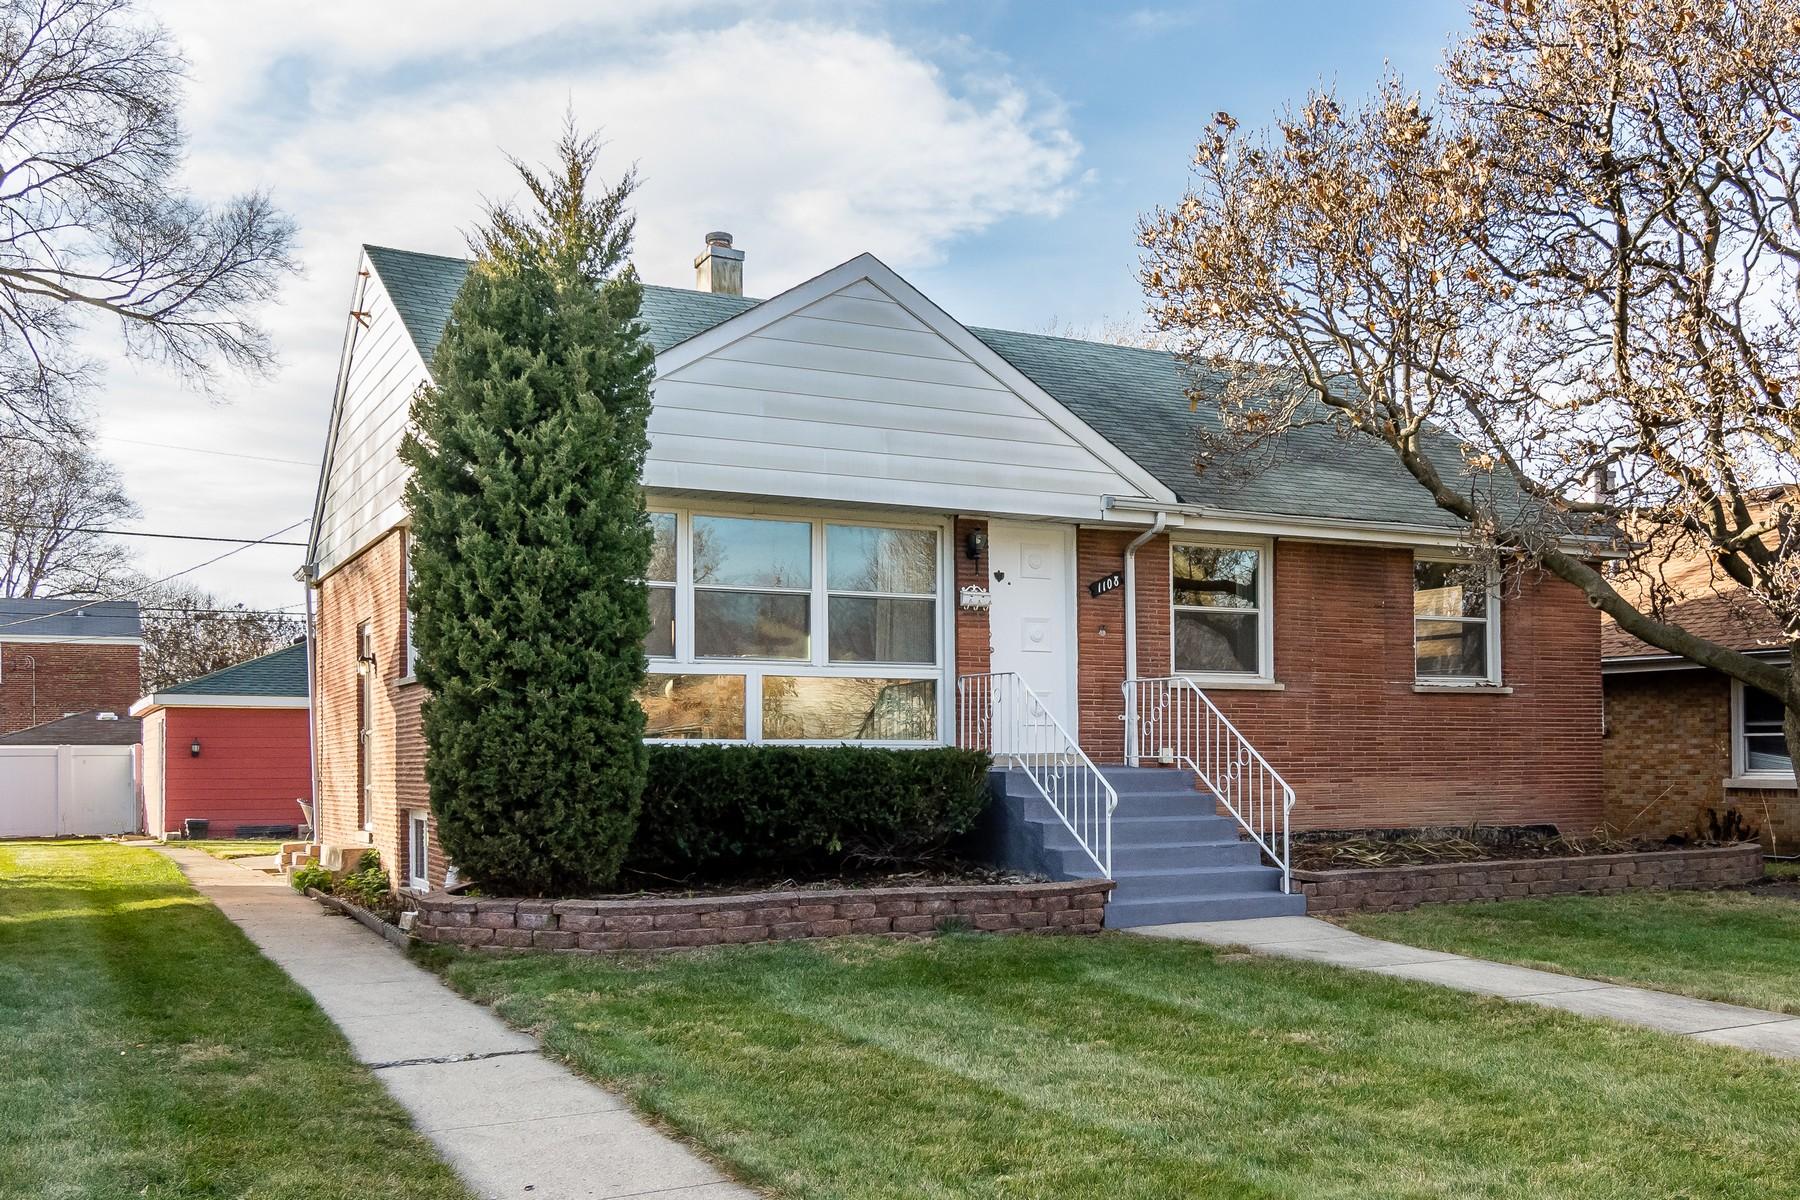 Частный односемейный дом для того Продажа на Updated Cozy Ranch 1108 Newcastle Avenue Westchester, Иллинойс 60154 Соединенные Штаты